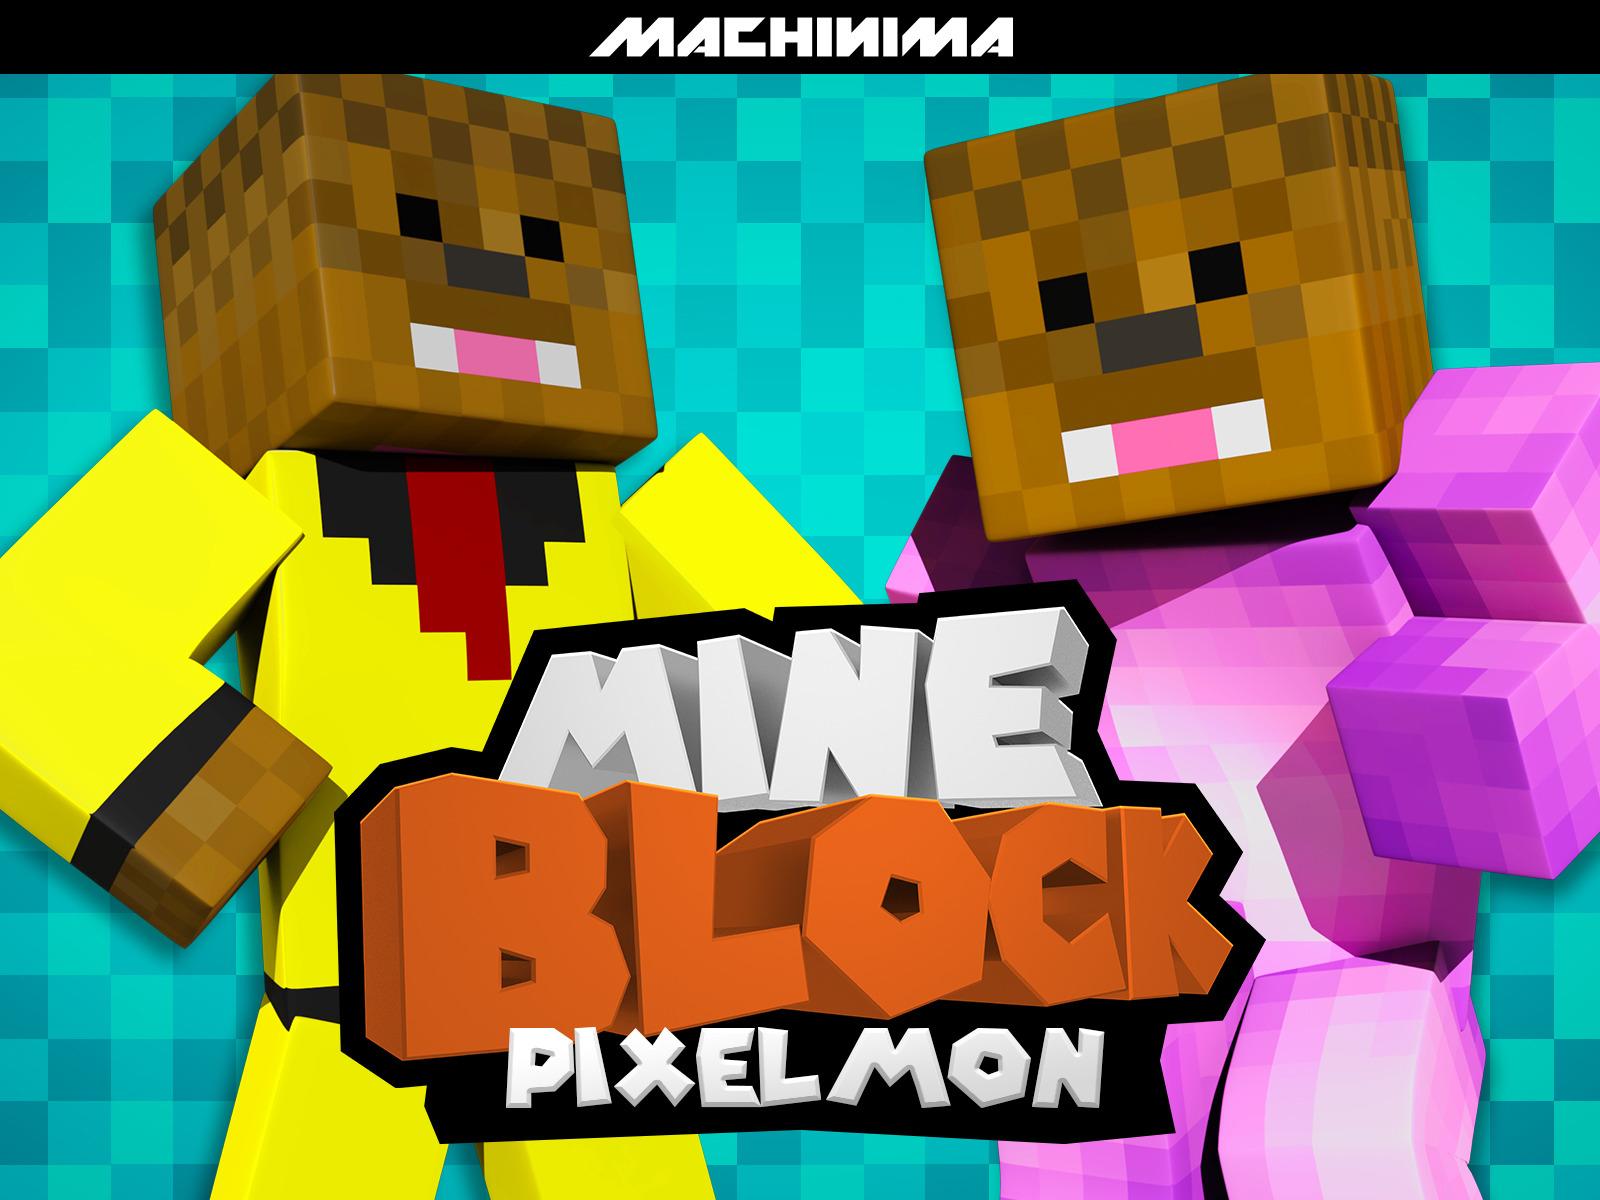 Prime Video: Mine Block: Pixelmon